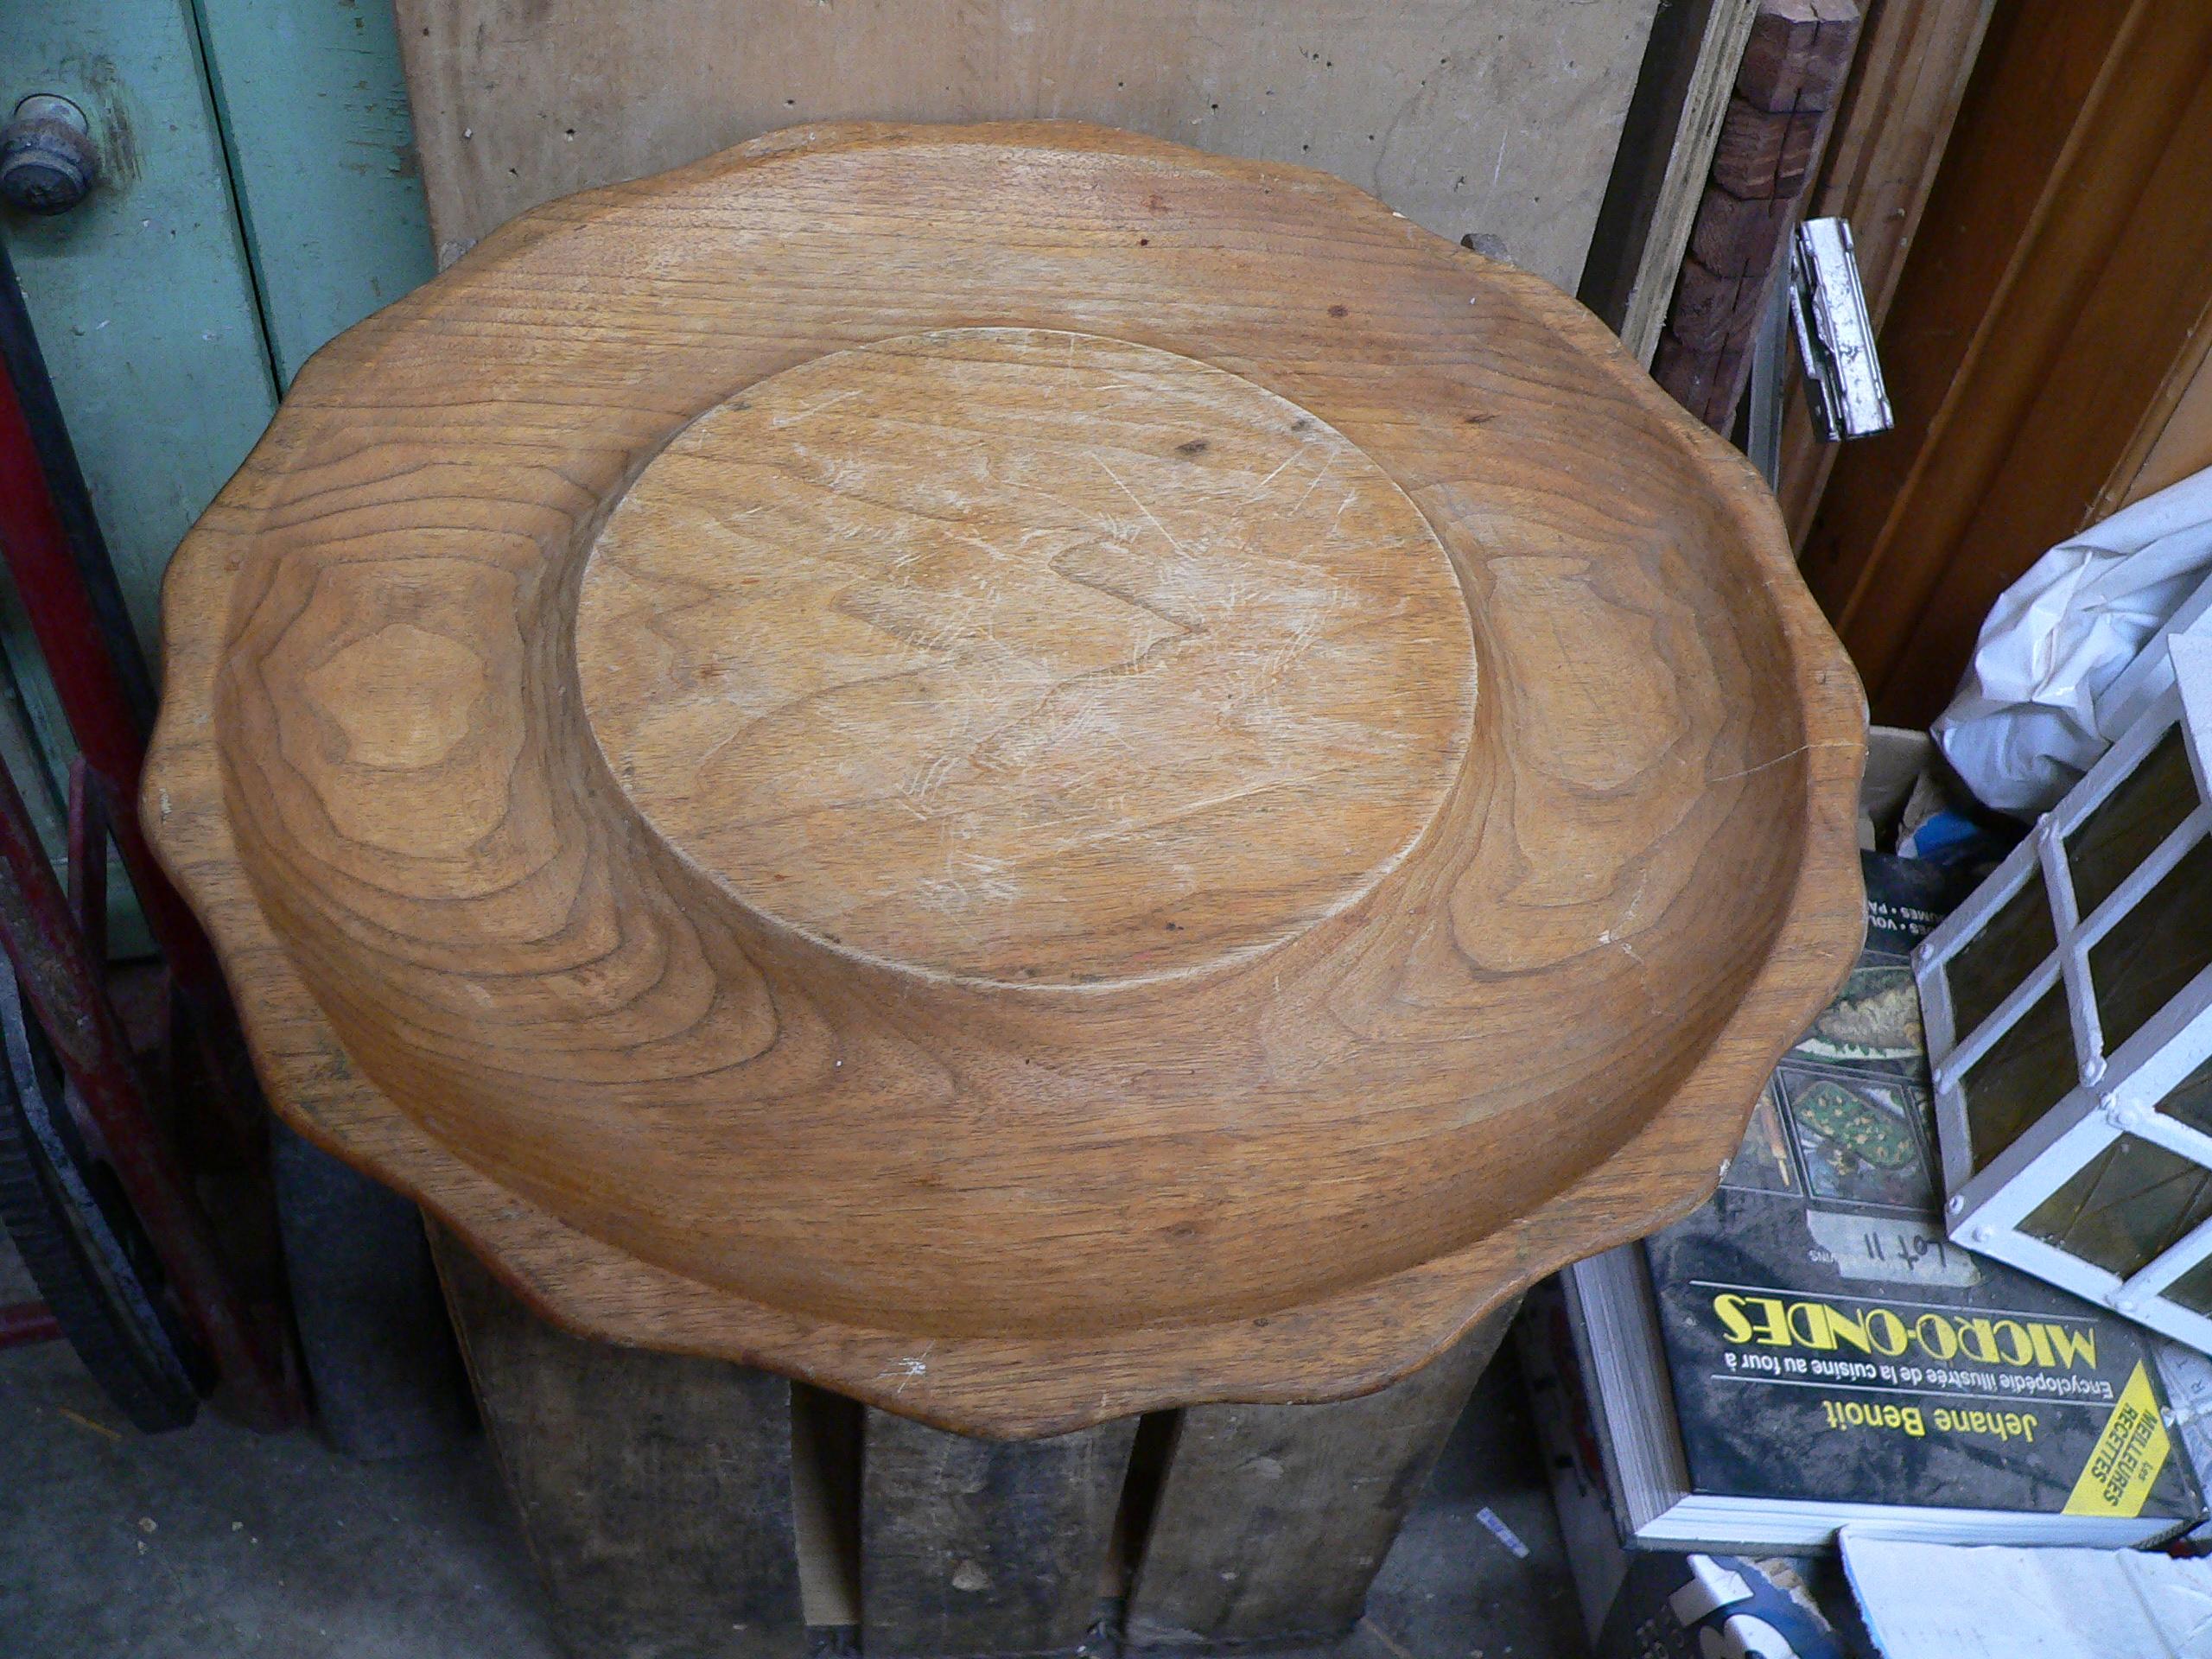 Assiette a crudité vintage en bois # 5882.26